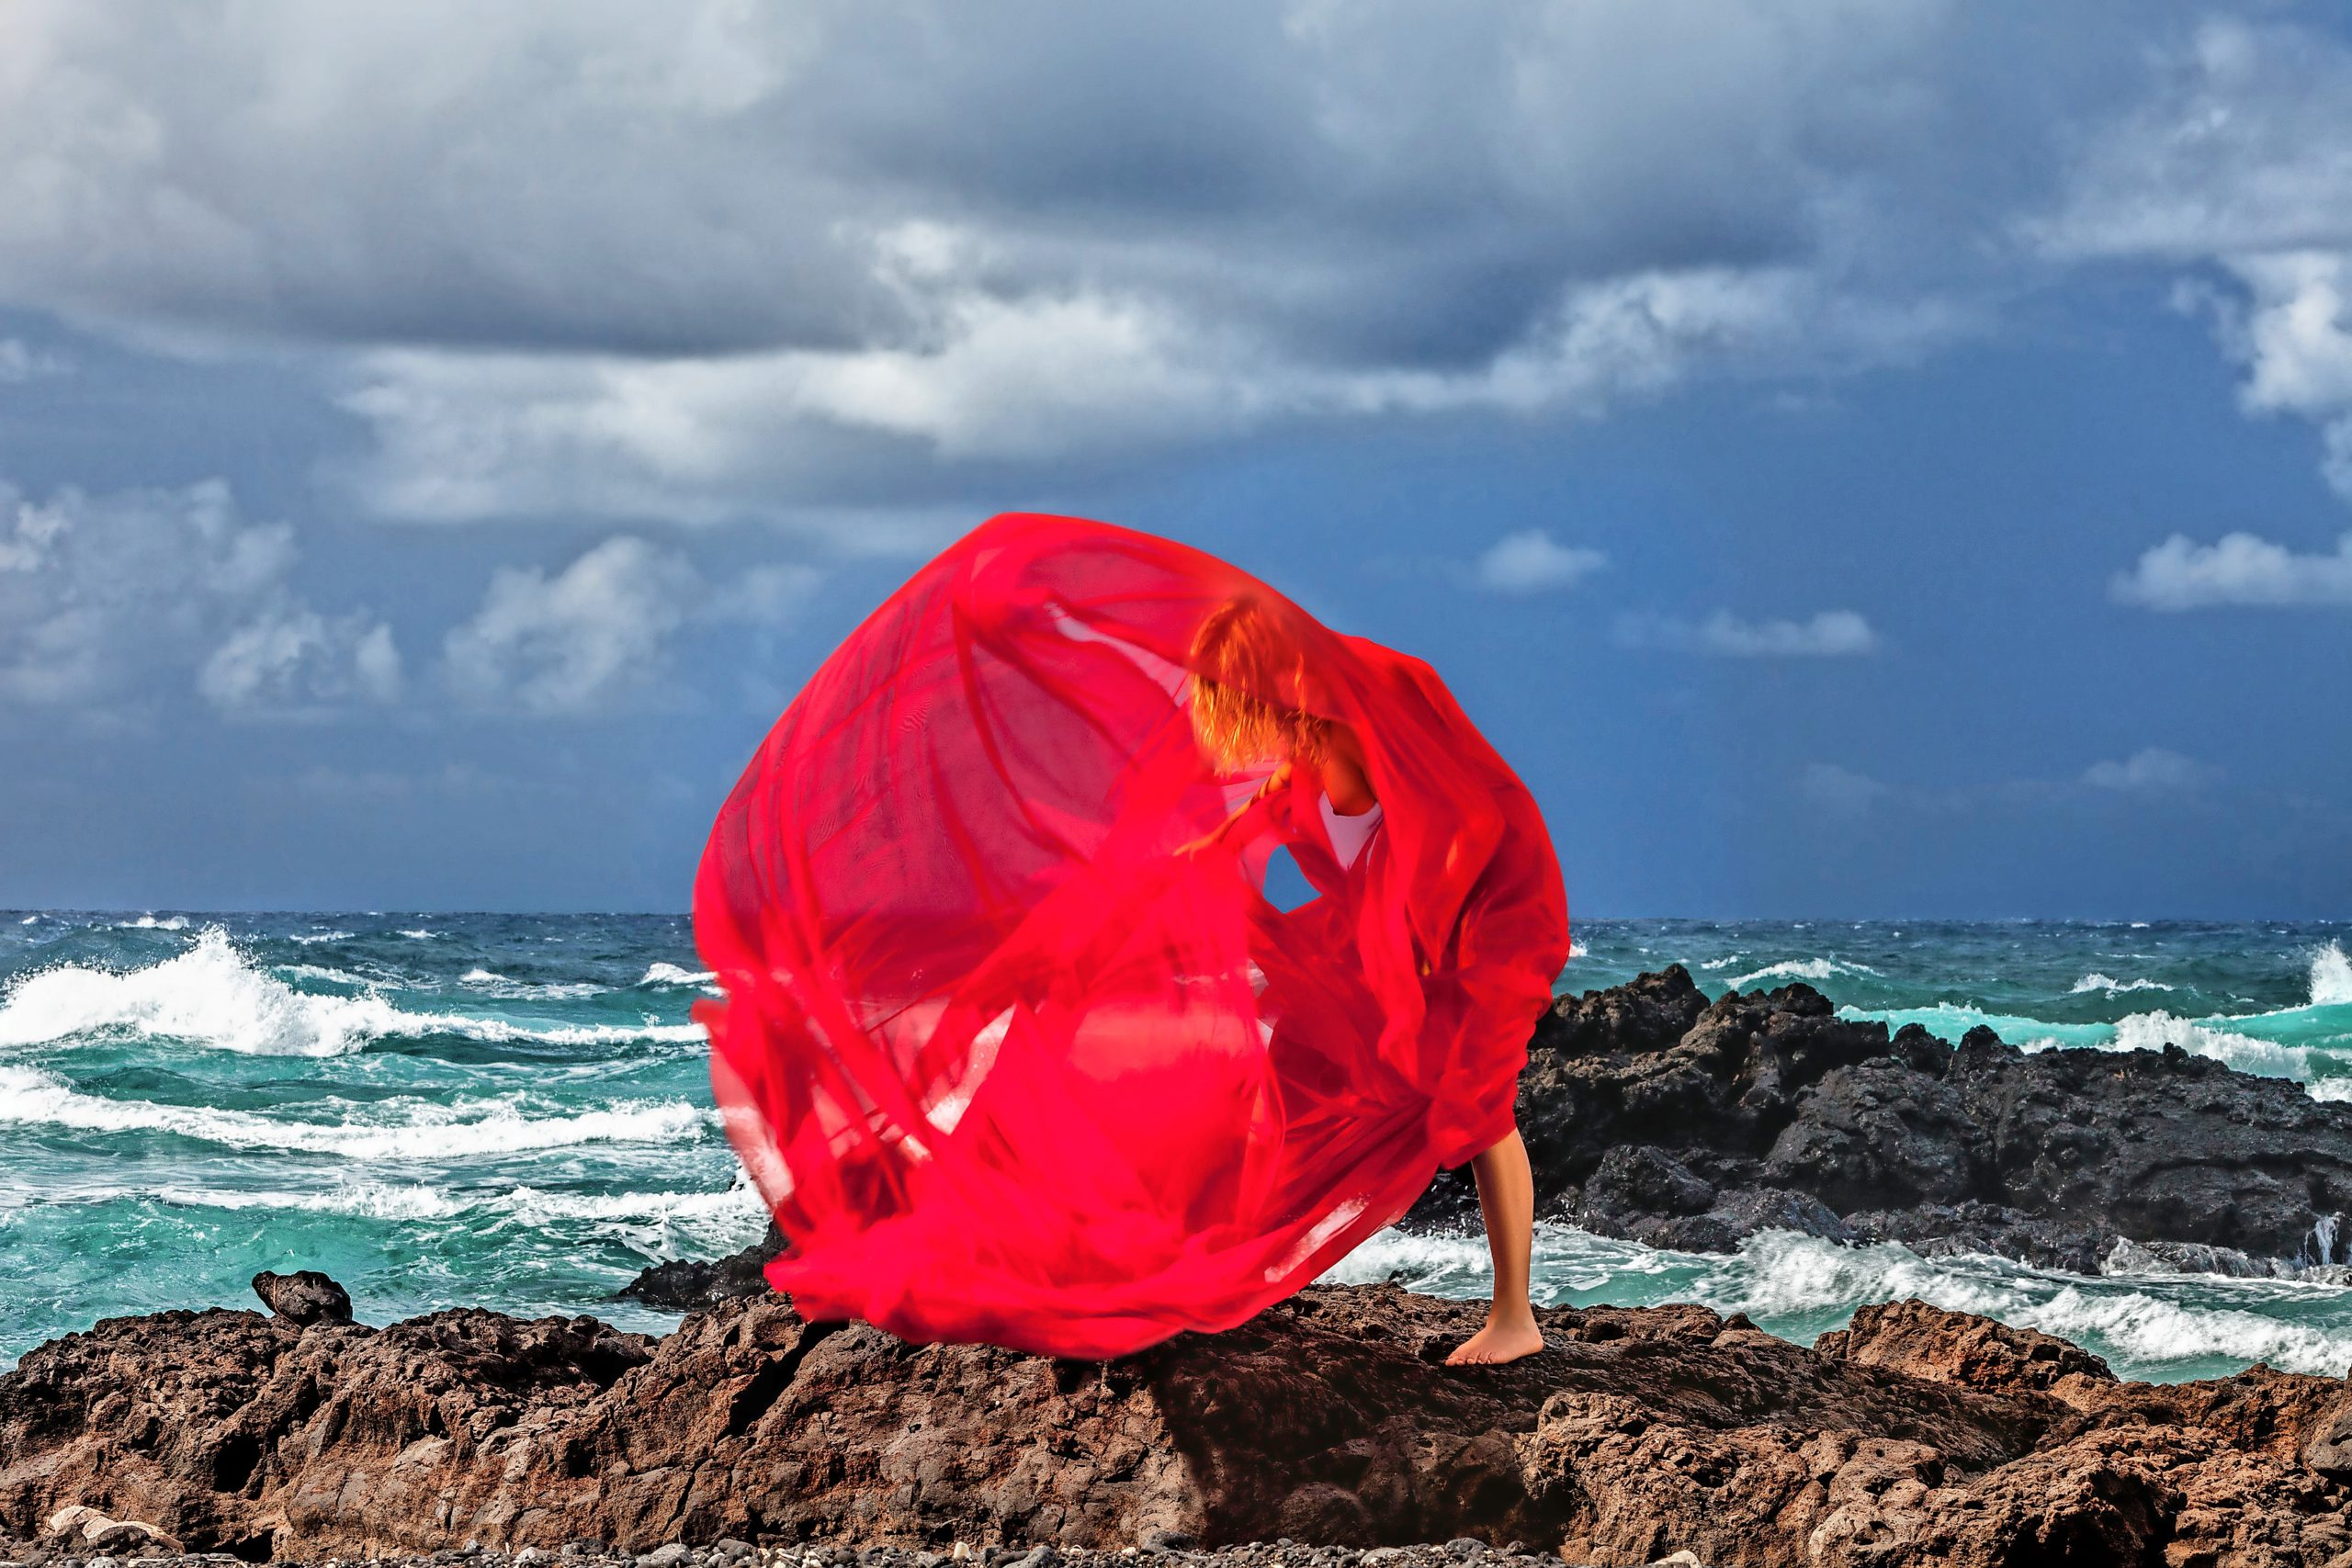 Die Galerie Sea & Sirens  am Priwall mit Werken von Wim Westfield öffnet freitags bis sonntags von 12 bis 18 Uhr.